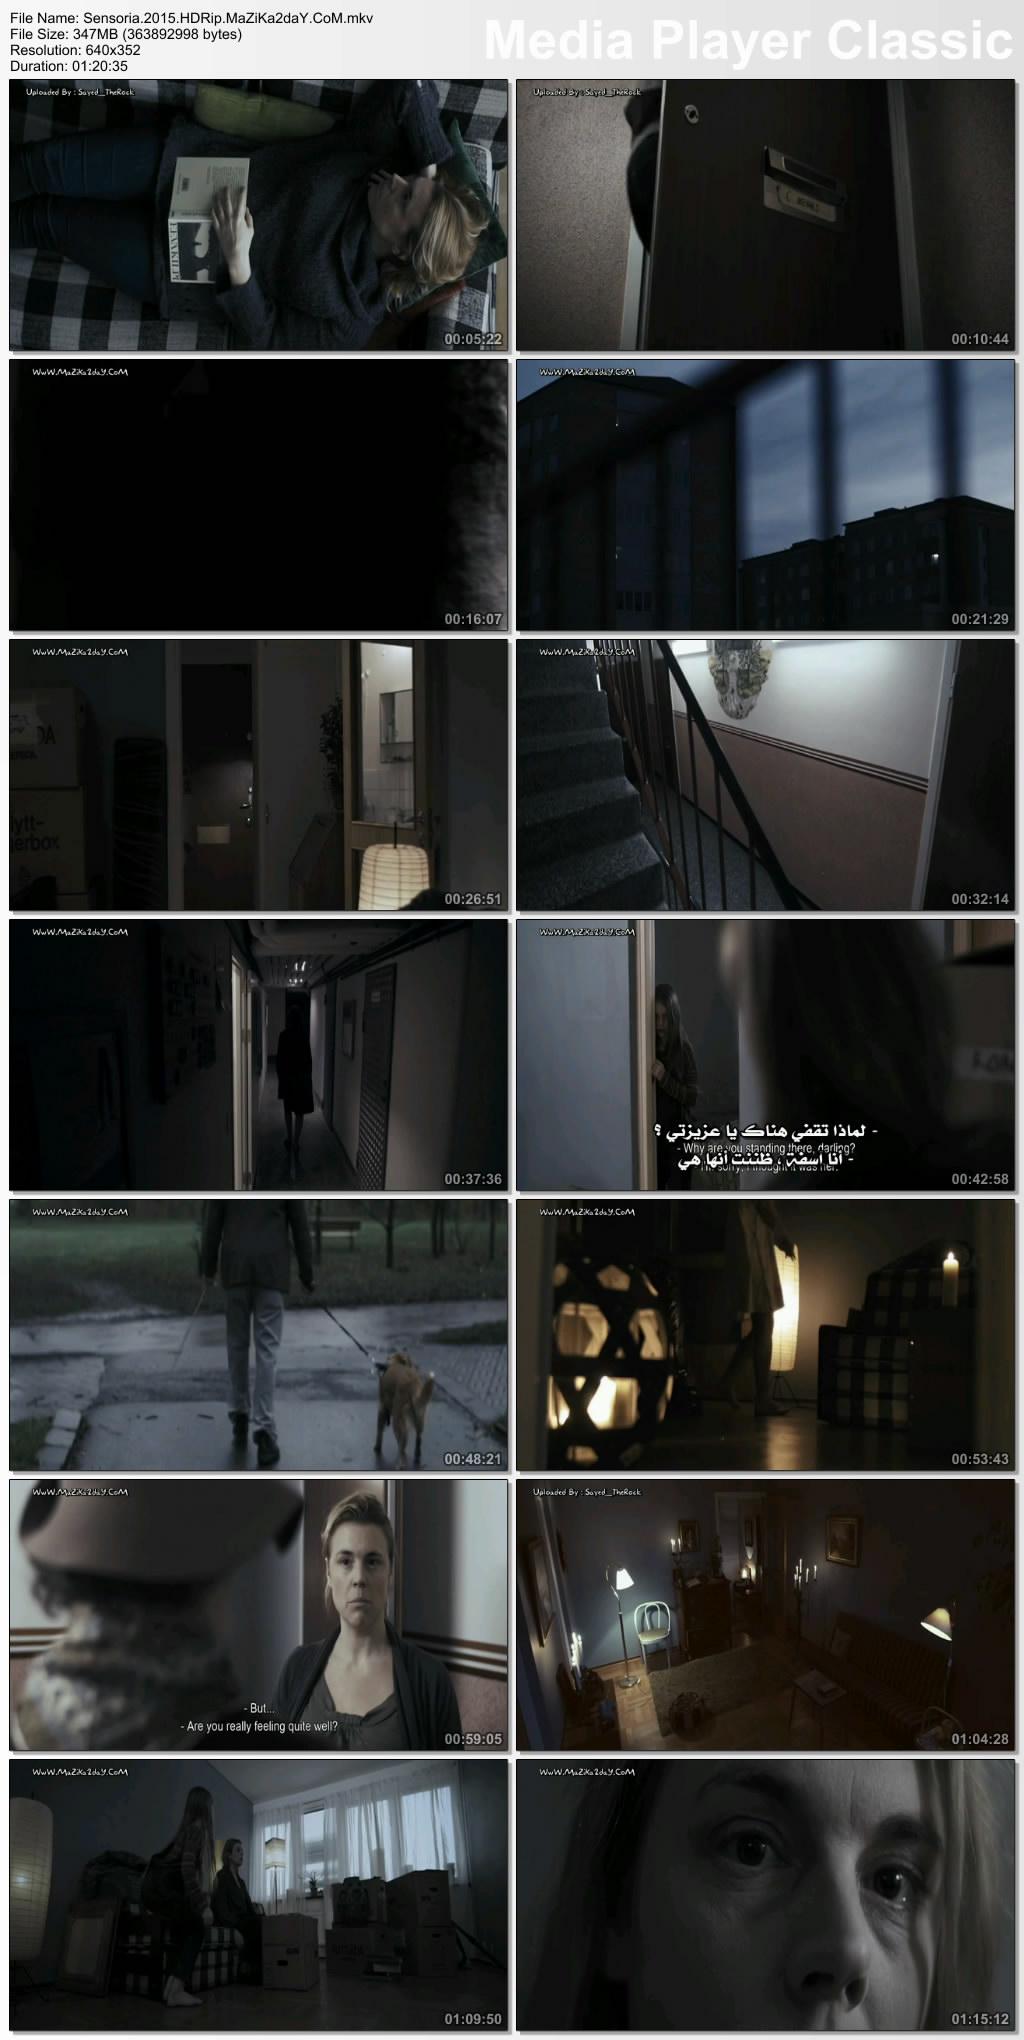 فيلم الرعب المُثير Sensoria 2015 مترجم بجودة HDRip تحميل مباشر Image